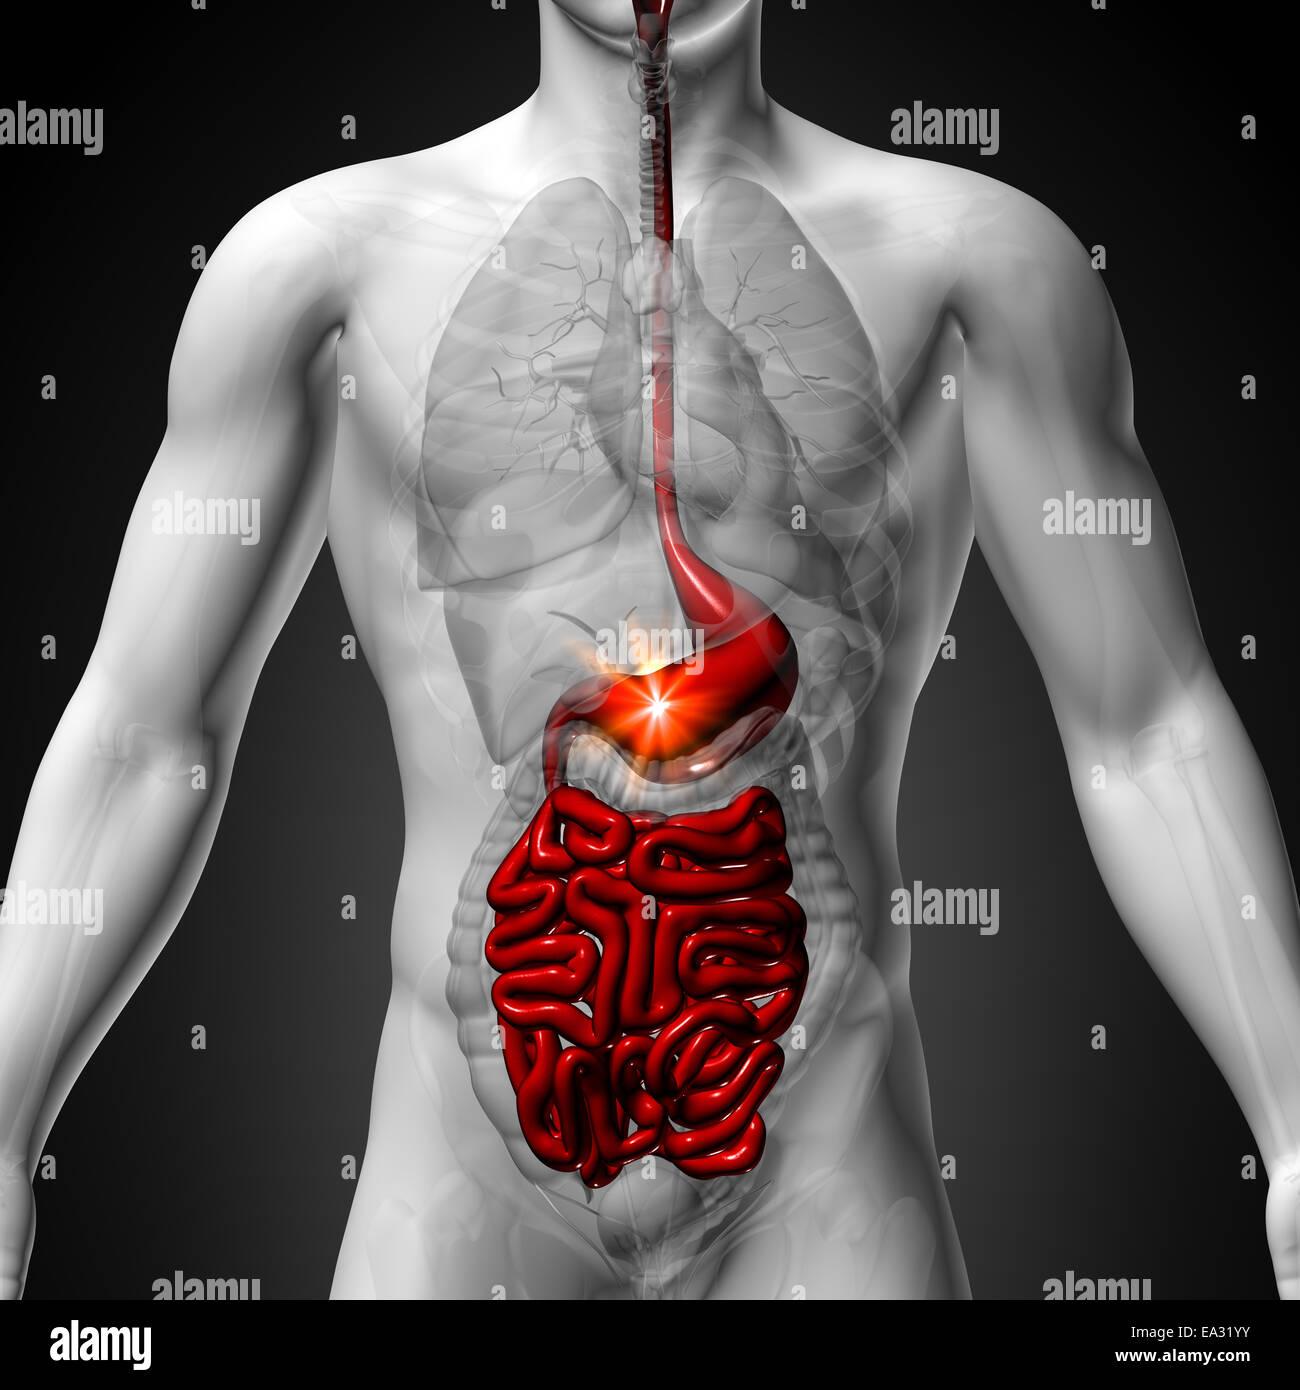 Wunderbar Praxis Anatomie Fragen Galerie - Menschliche Anatomie ...